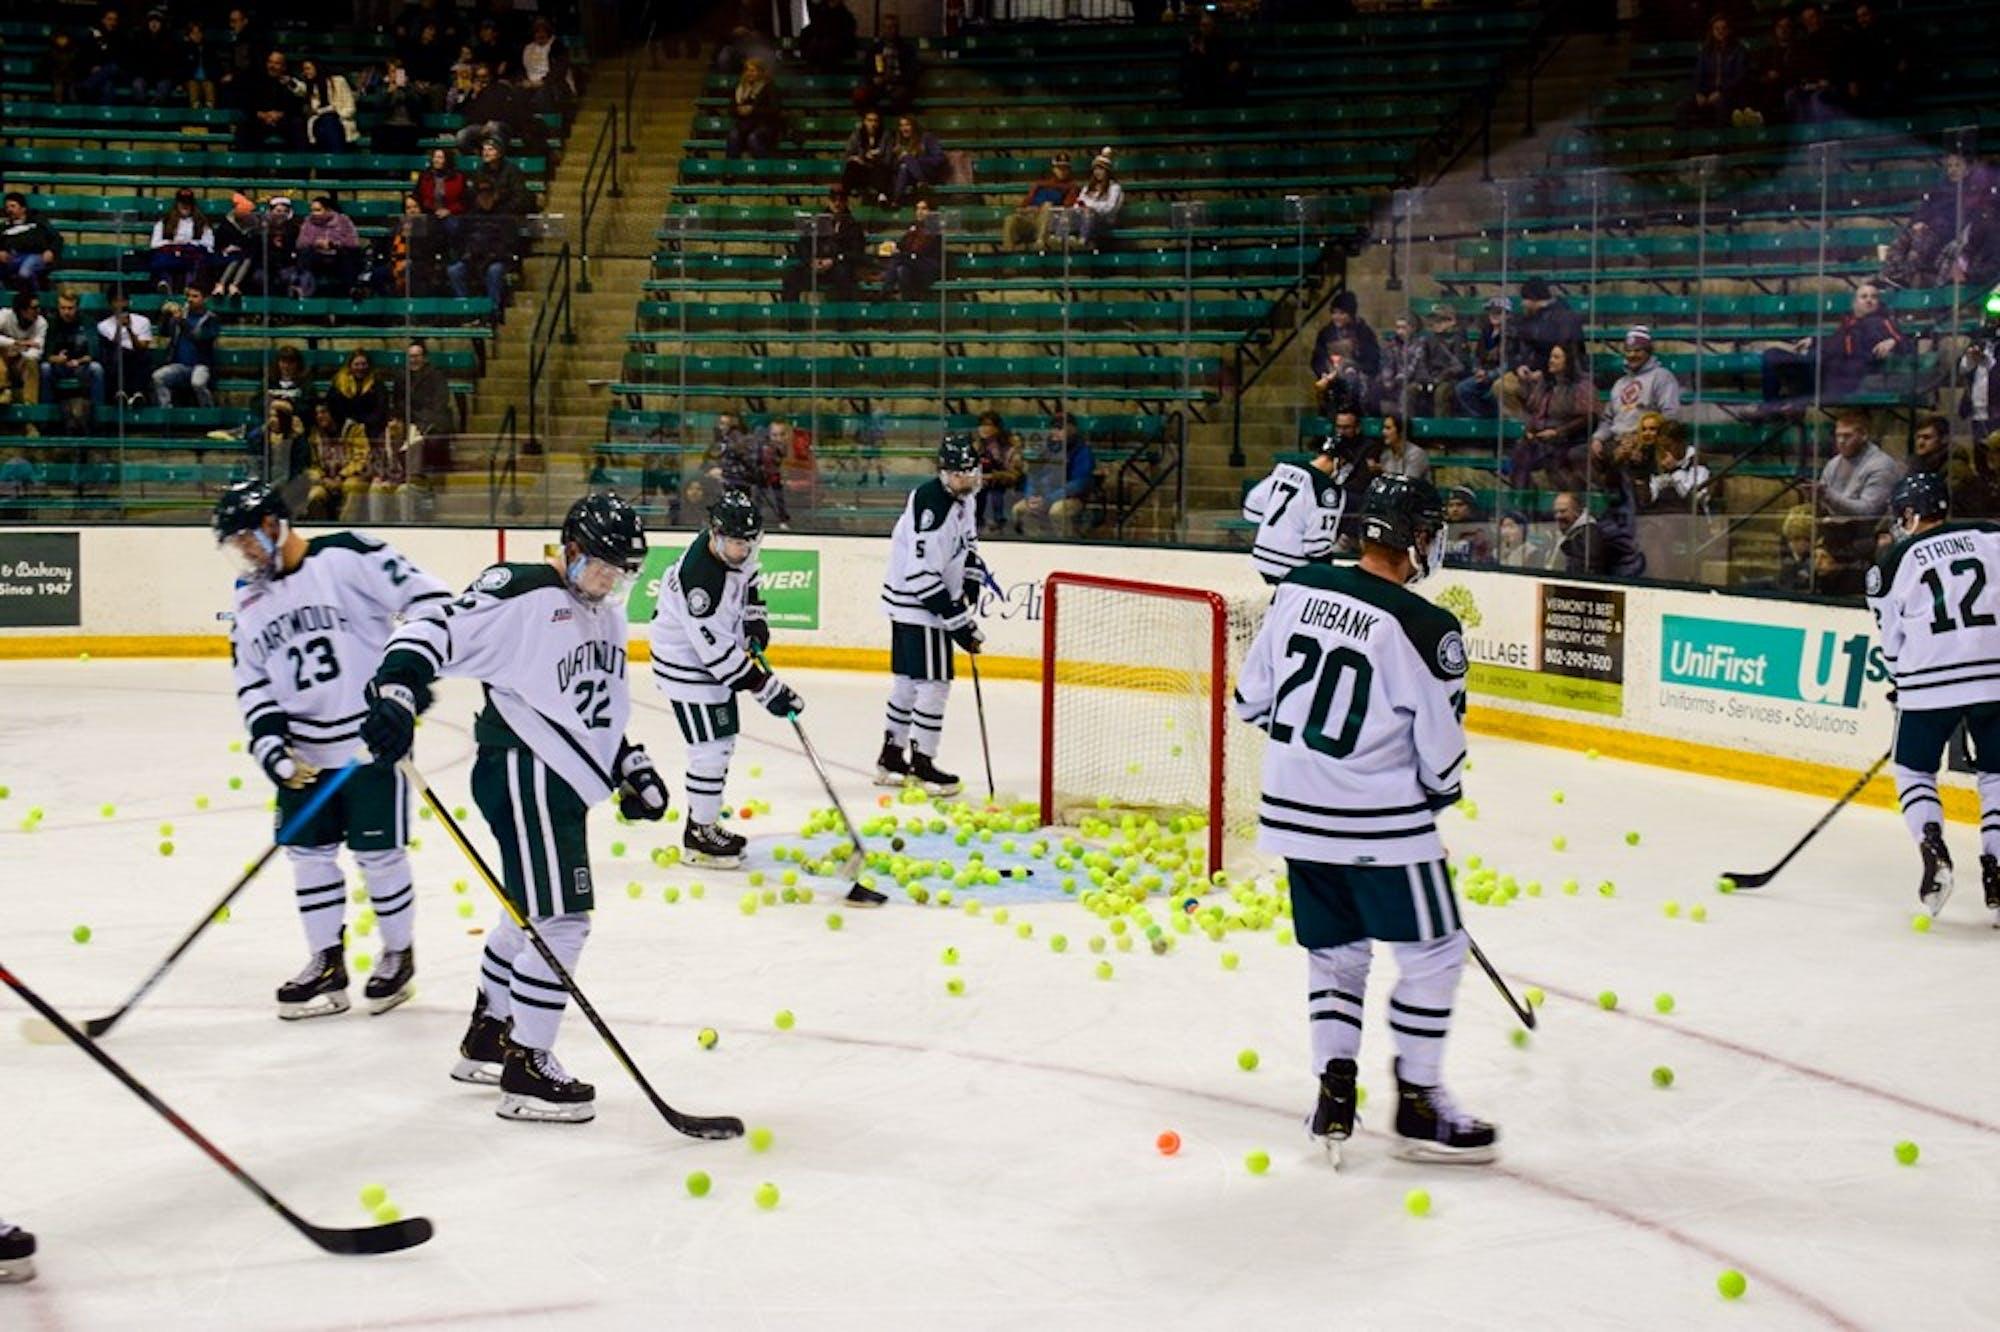 11-11-19-hockey2-elsaericksen